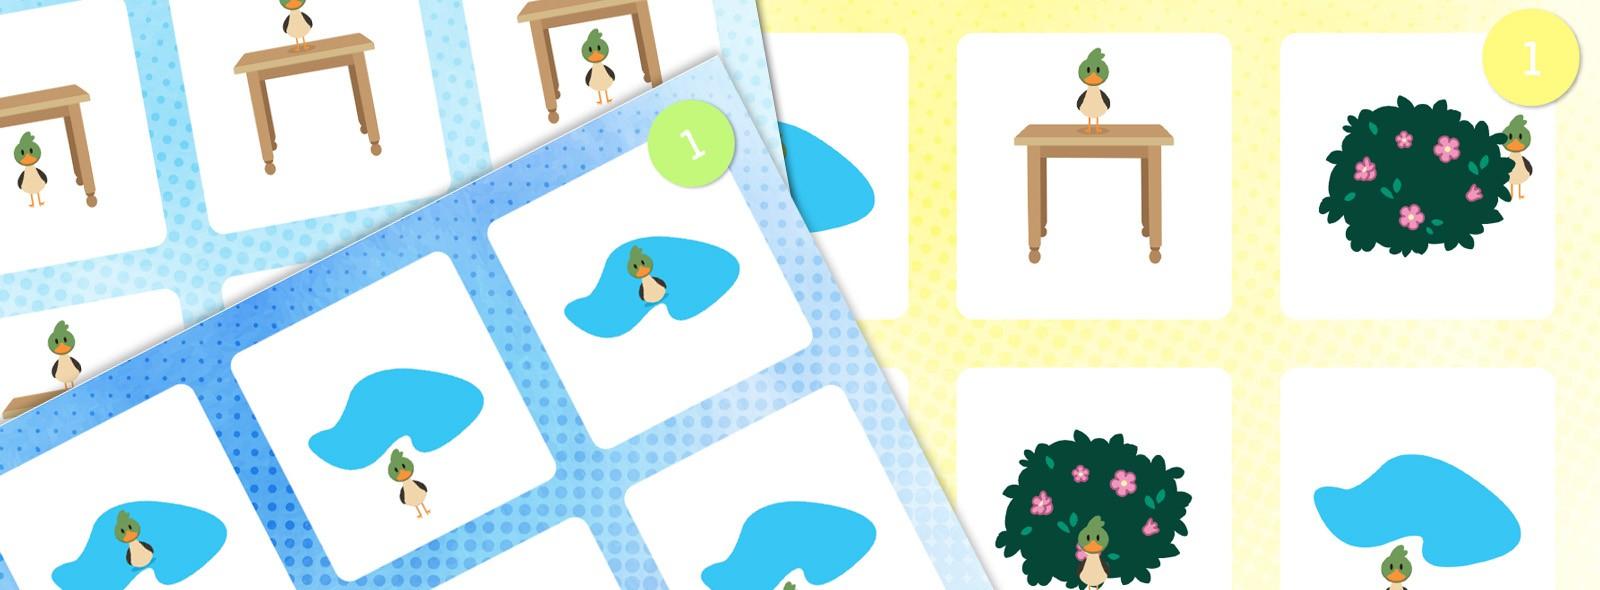 Loto Des Positions : Devant, Derrière, Dans, Etc. - La pour Jeux Gratuit Maternelle Grande Section